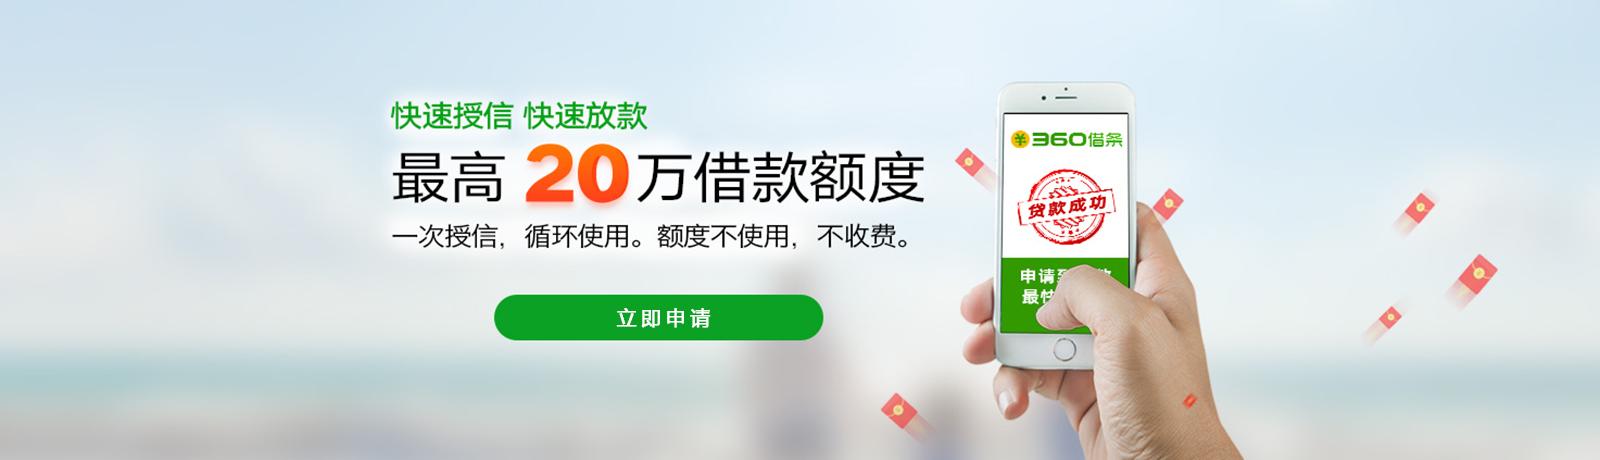 360借条广告